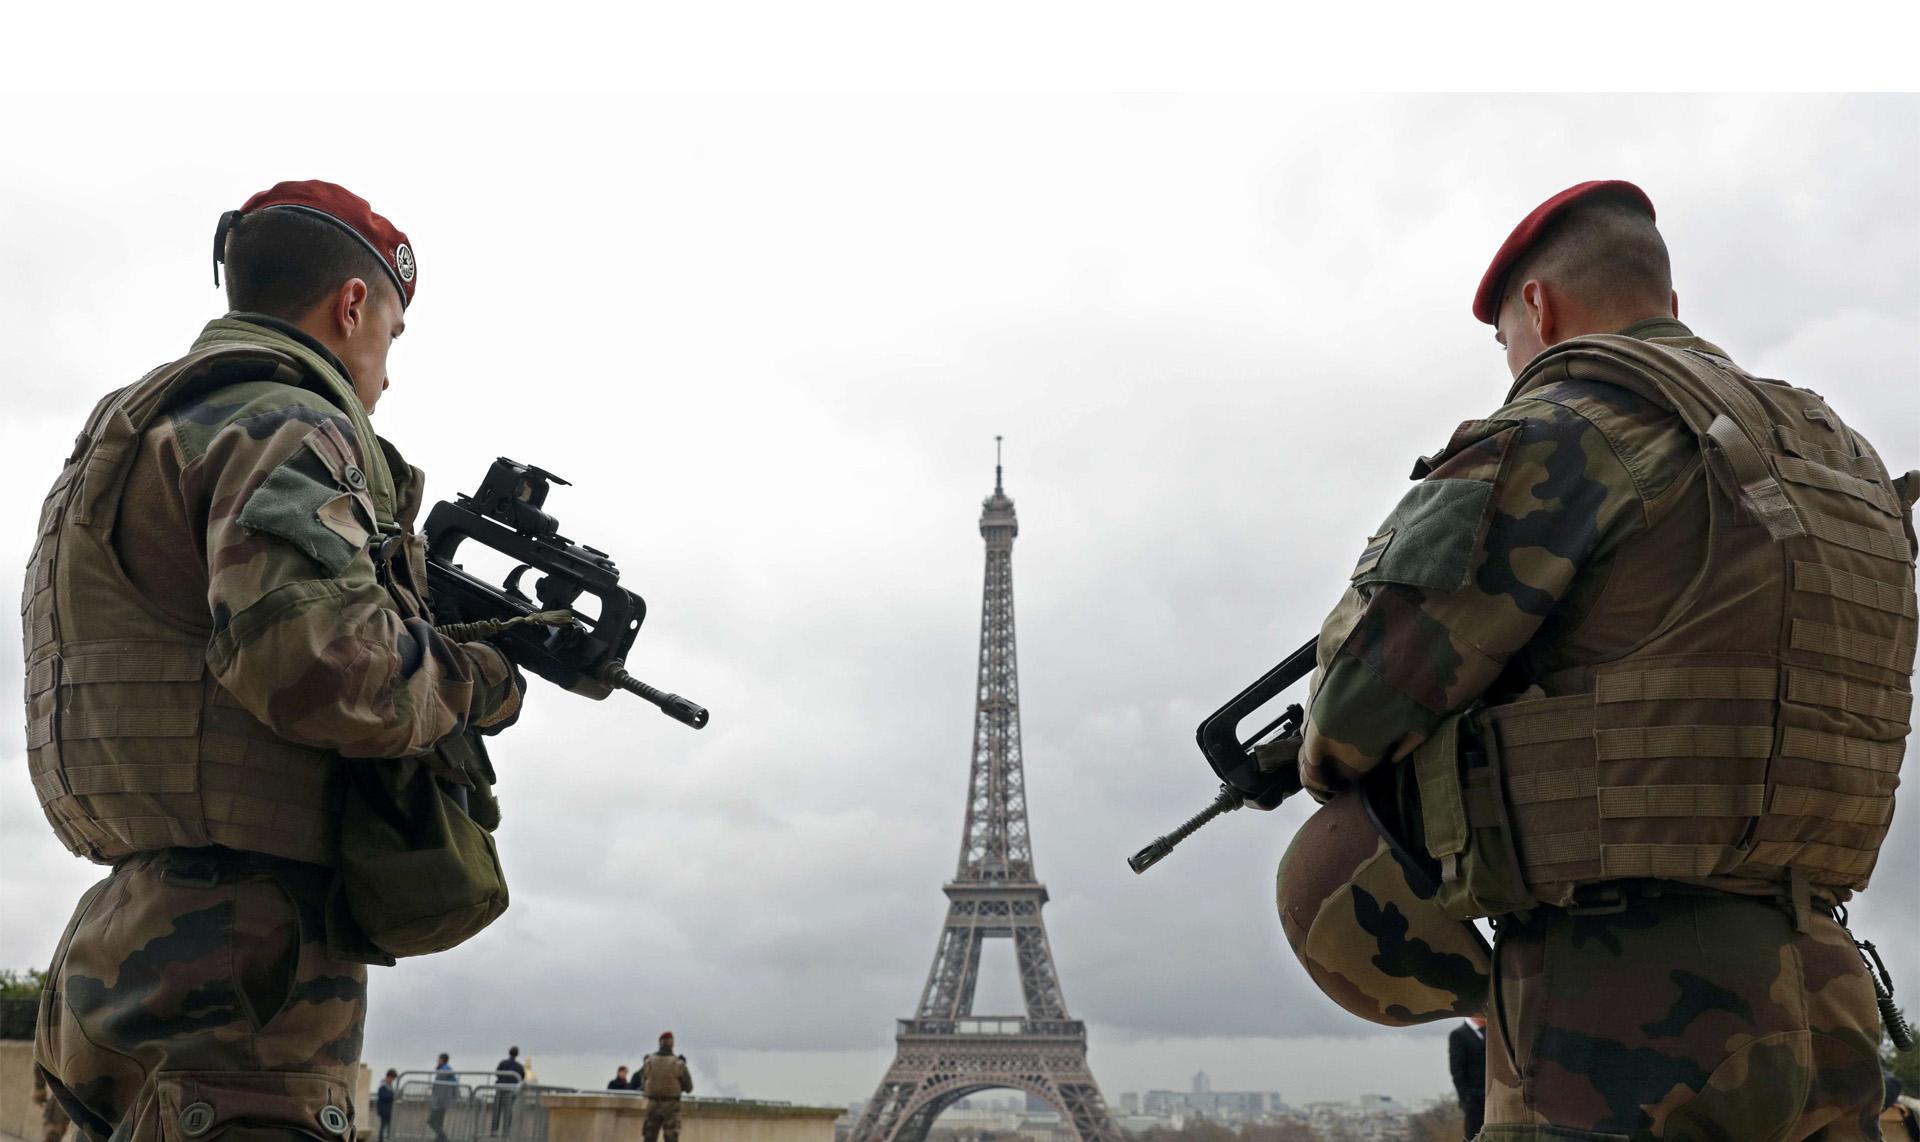 Tras los atentados de París, las autoridades francesas actúan para estar más preparados